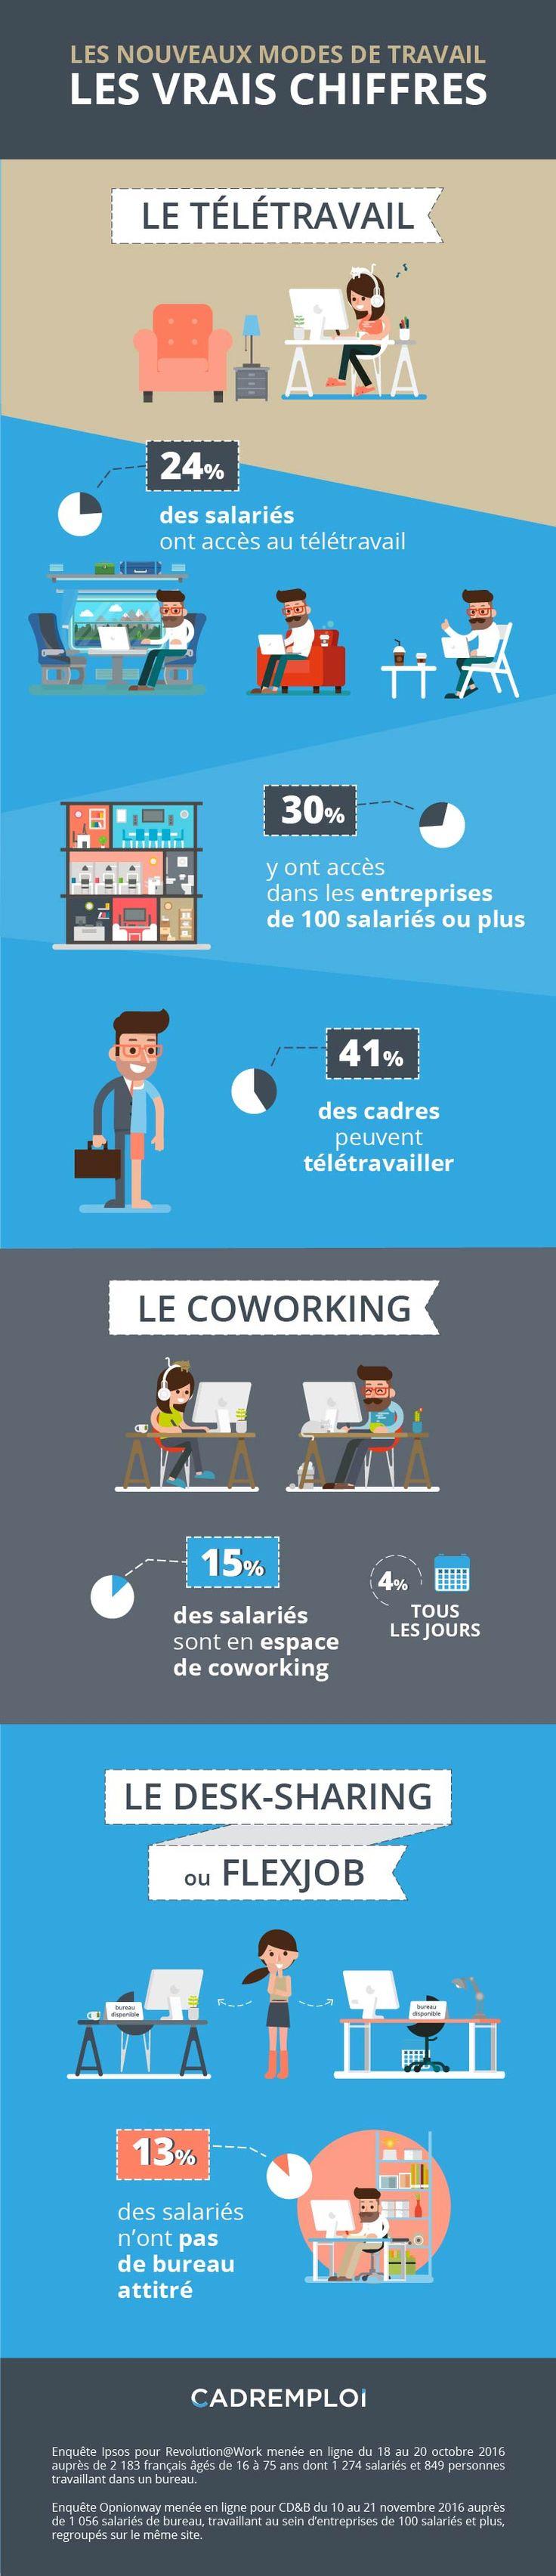 [Infographie] Nouveaux modes de travail : quelle réalité en France ?